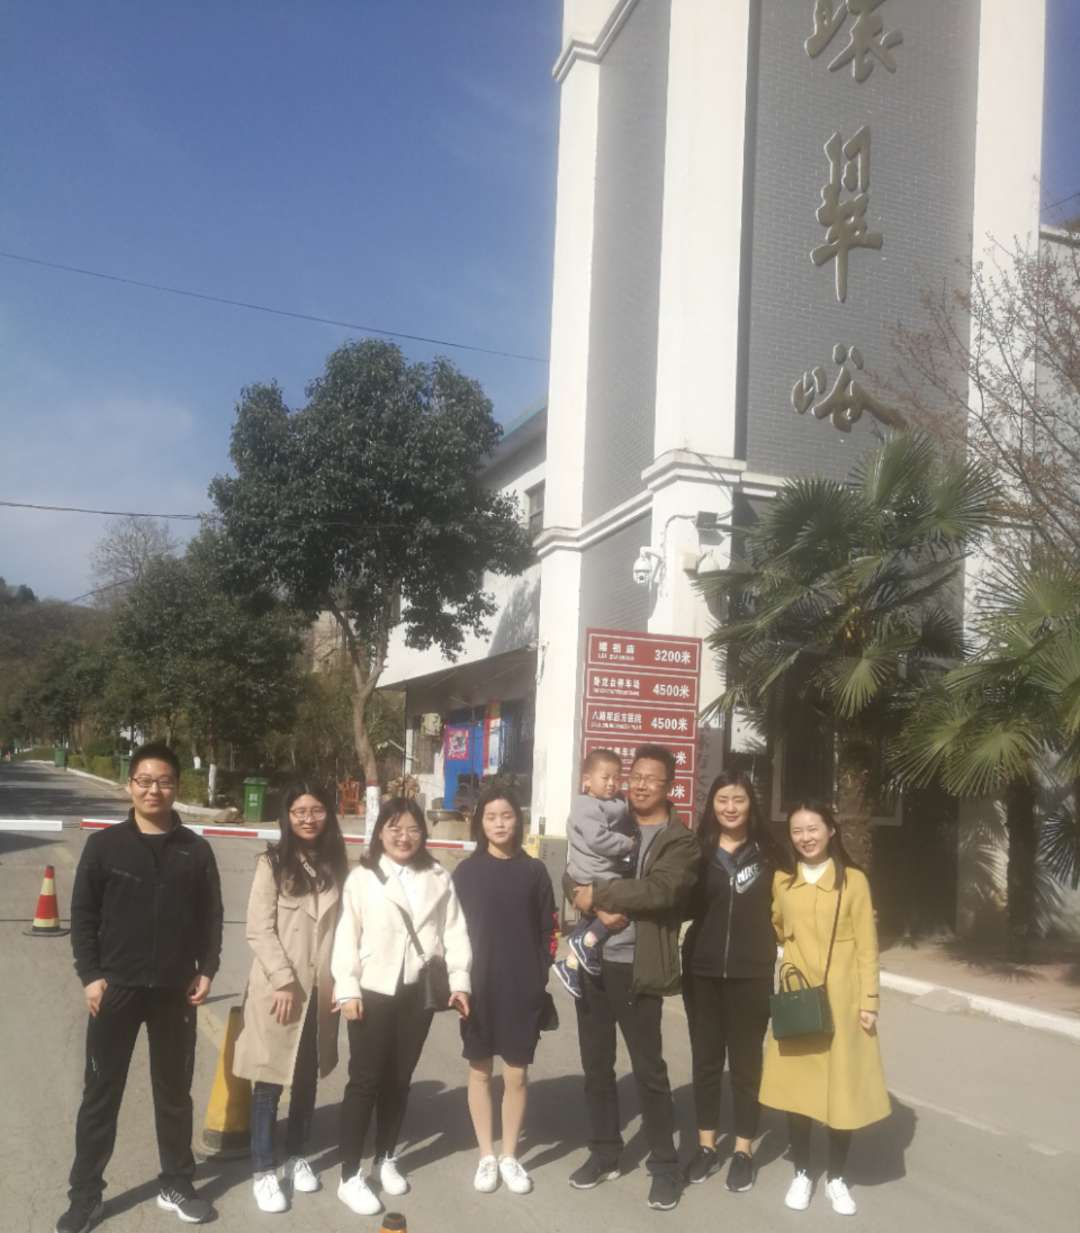 河南振山律师事务所组织律师党员到 环翠峪革命老区参观学习